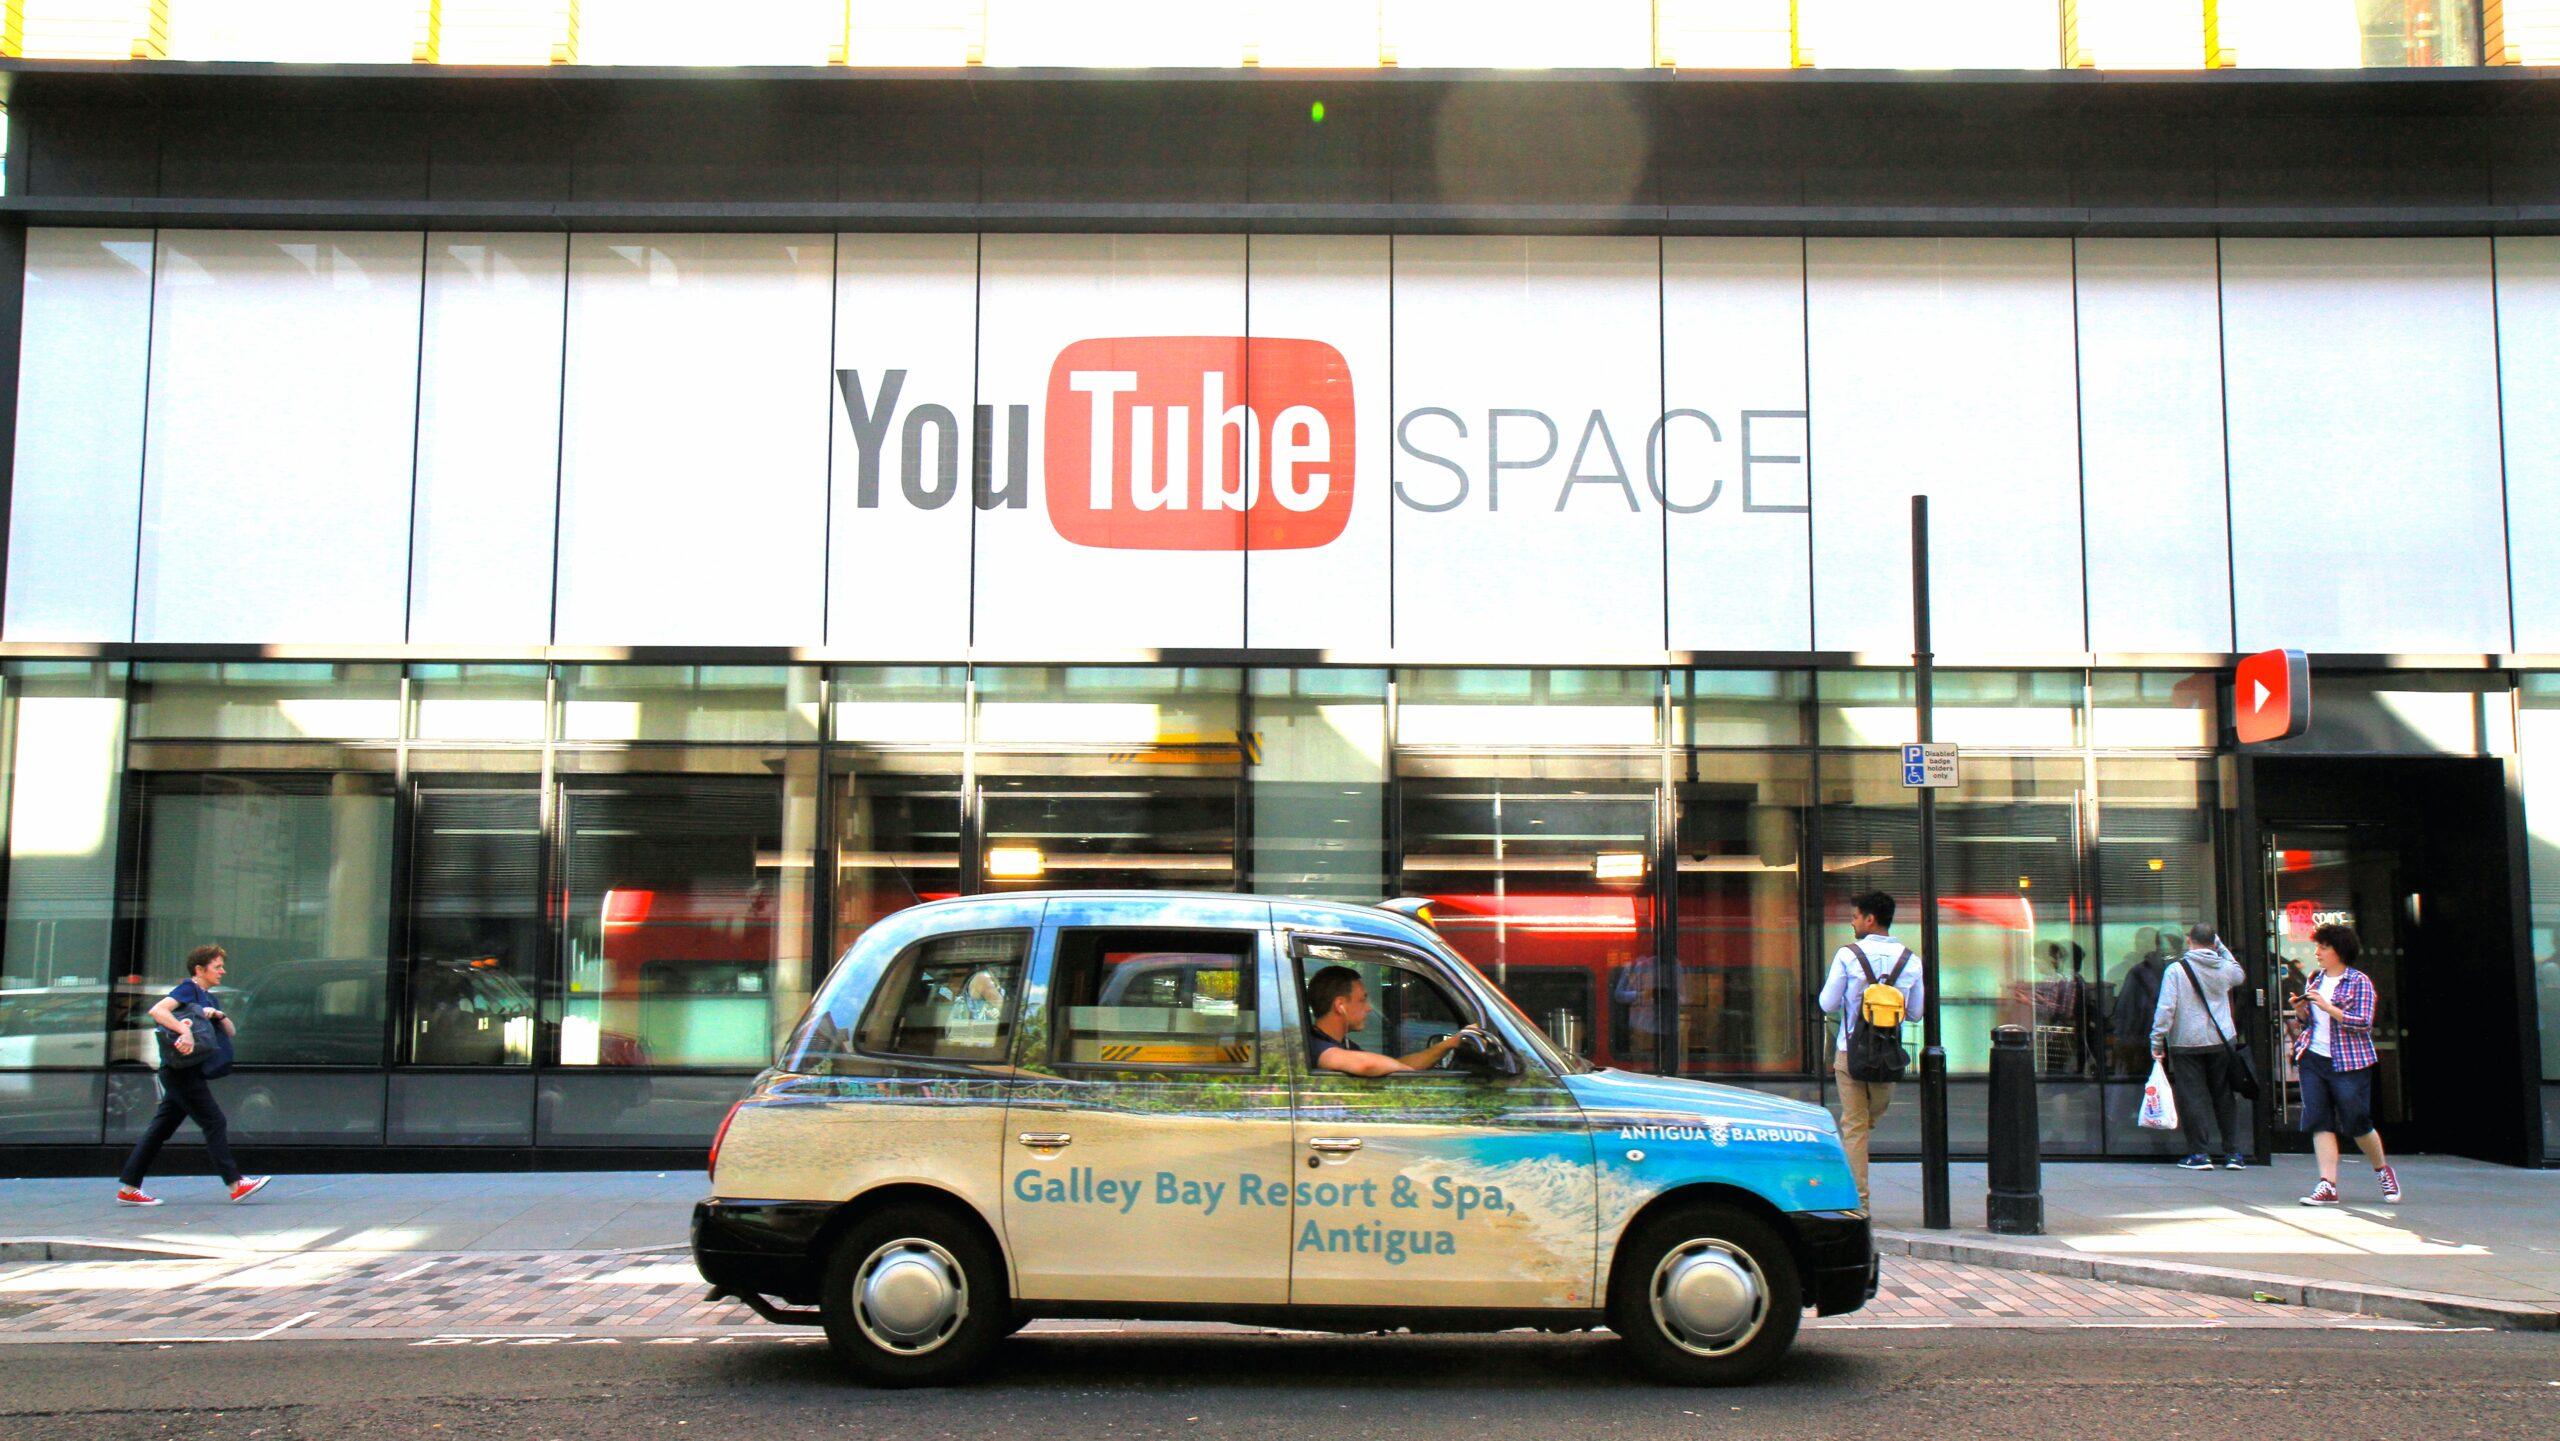 YouTube Space, London, Kings Cross